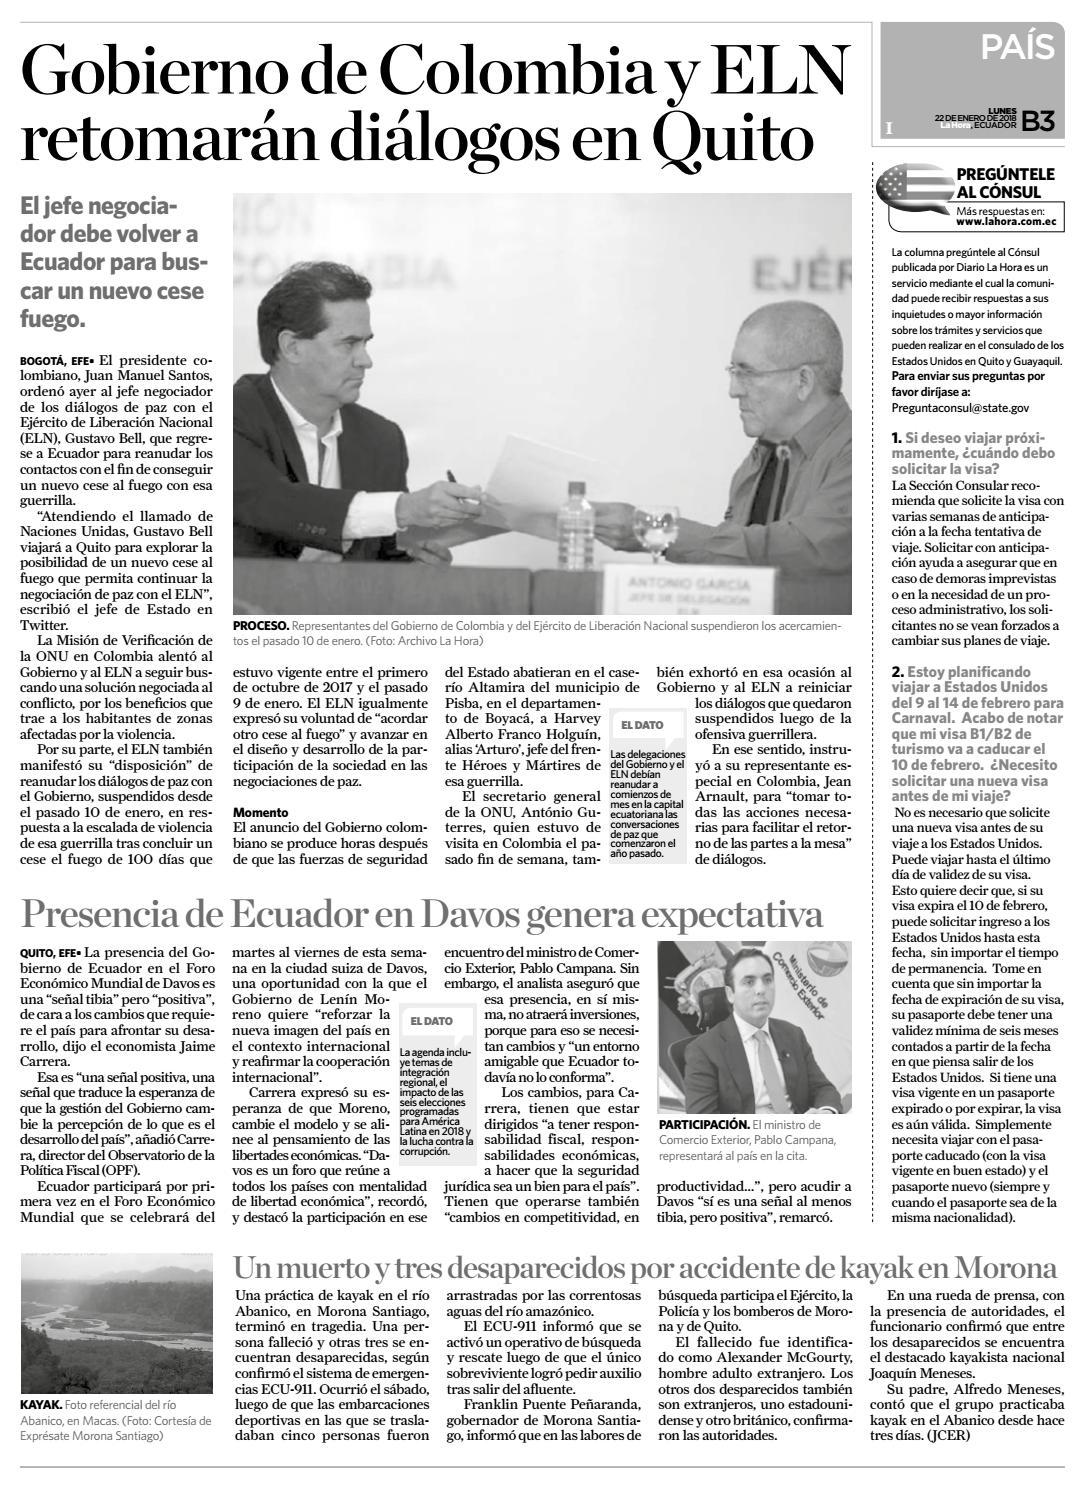 Santo domingo 22 de enero del 2018 by Diario La Hora Ecuador - issuu